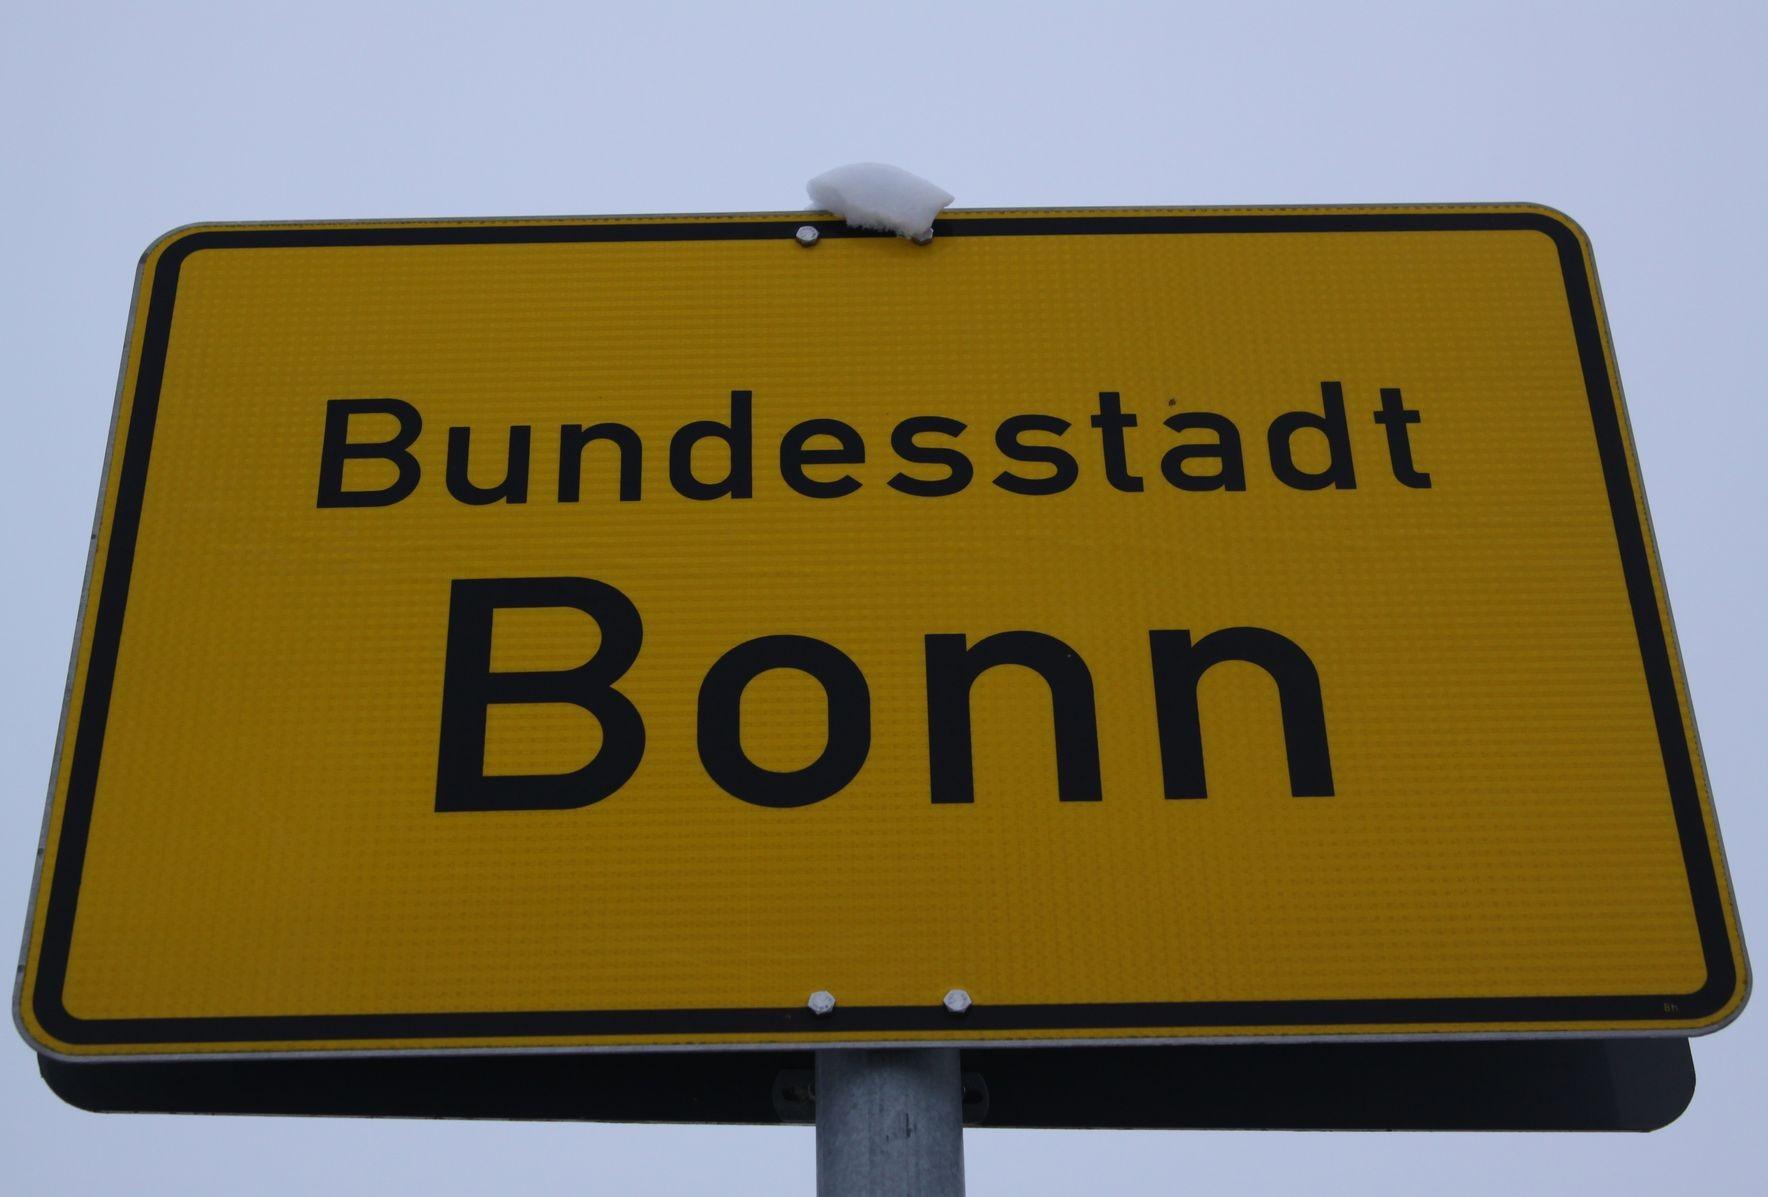 ... und die bunte Produktwelt kennenlernen *yummy - MissBonn(e)Bonn(e